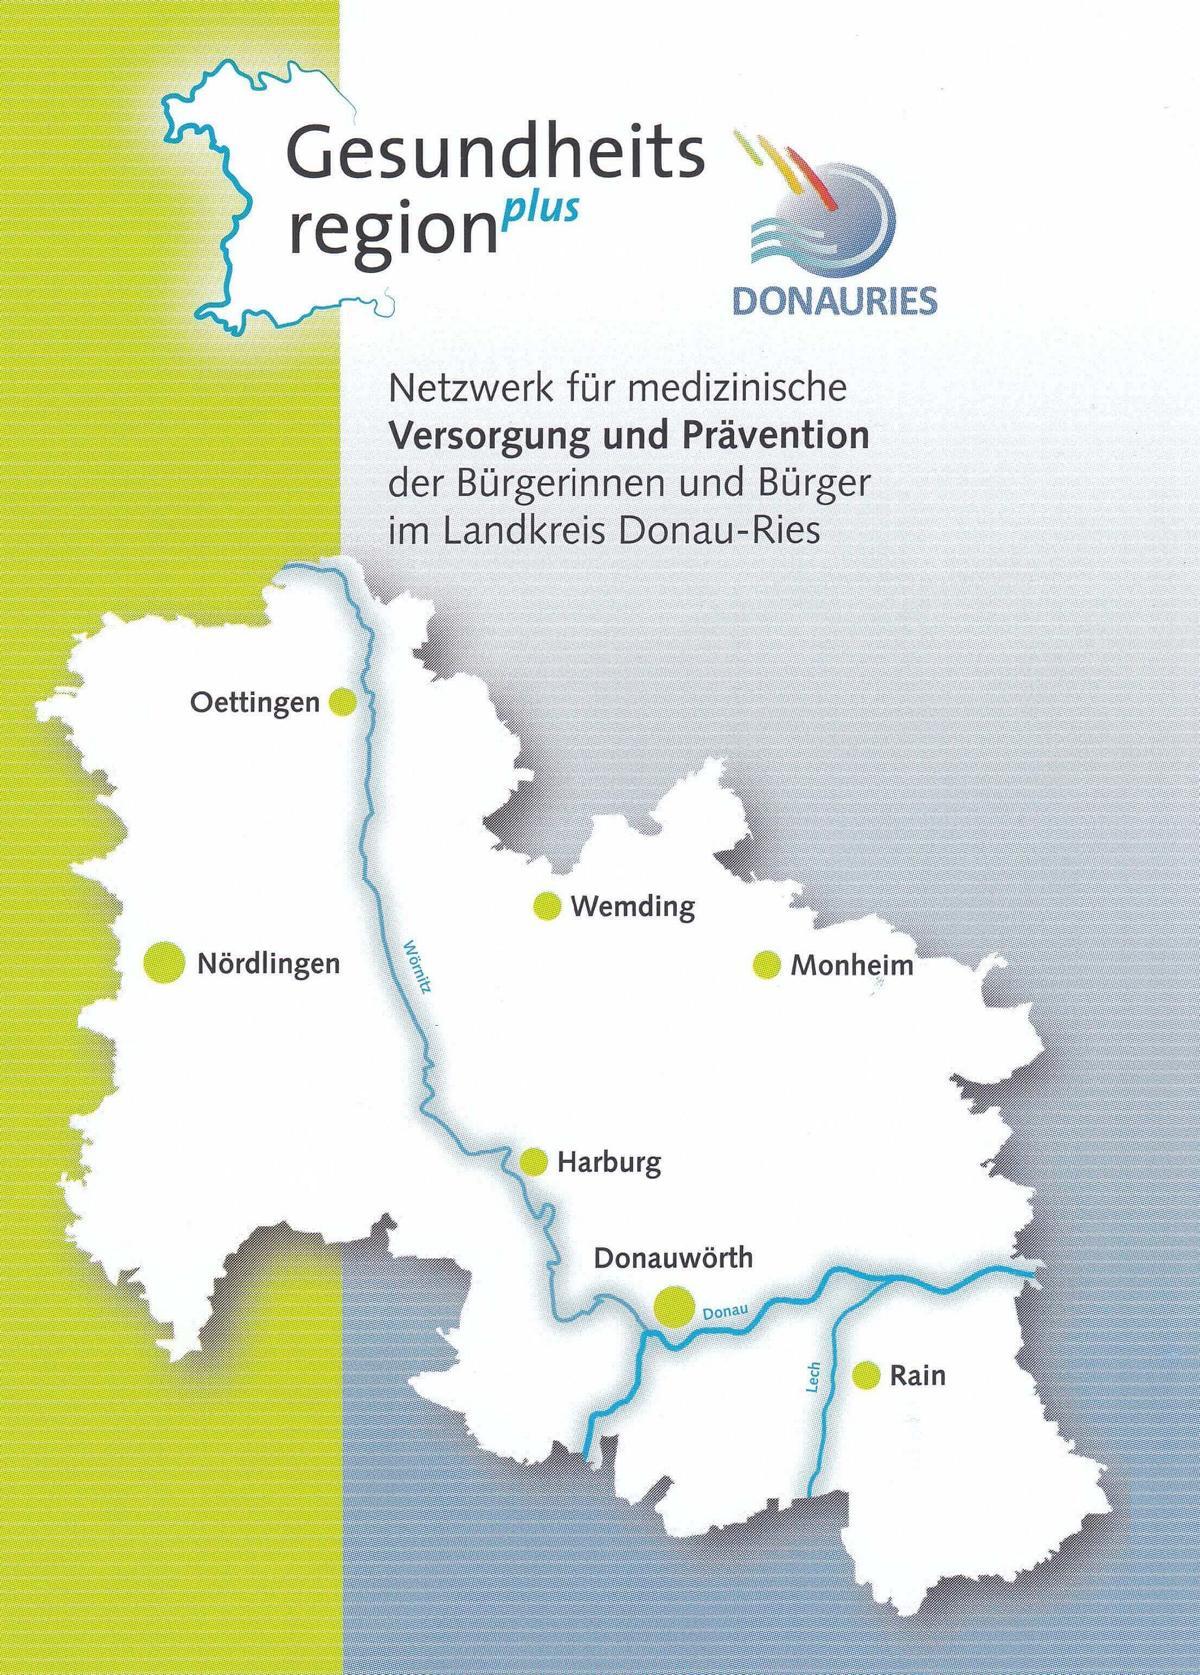 Einrichtungen Gesundheitsregion Donauries